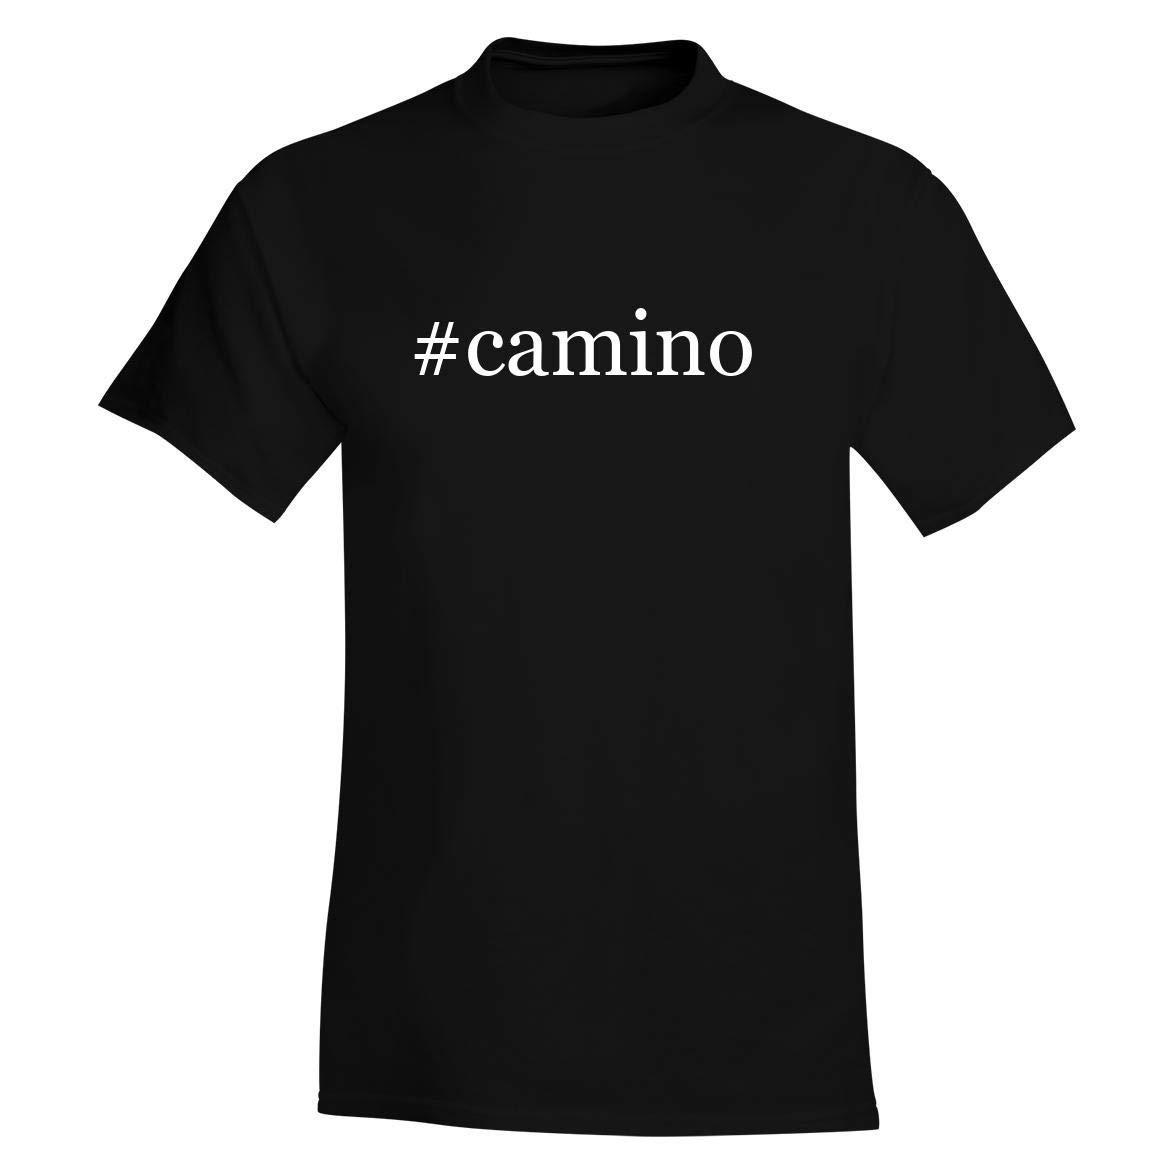 Amazon.com: The Town Butler #Camino - A Hashtag Soft ...